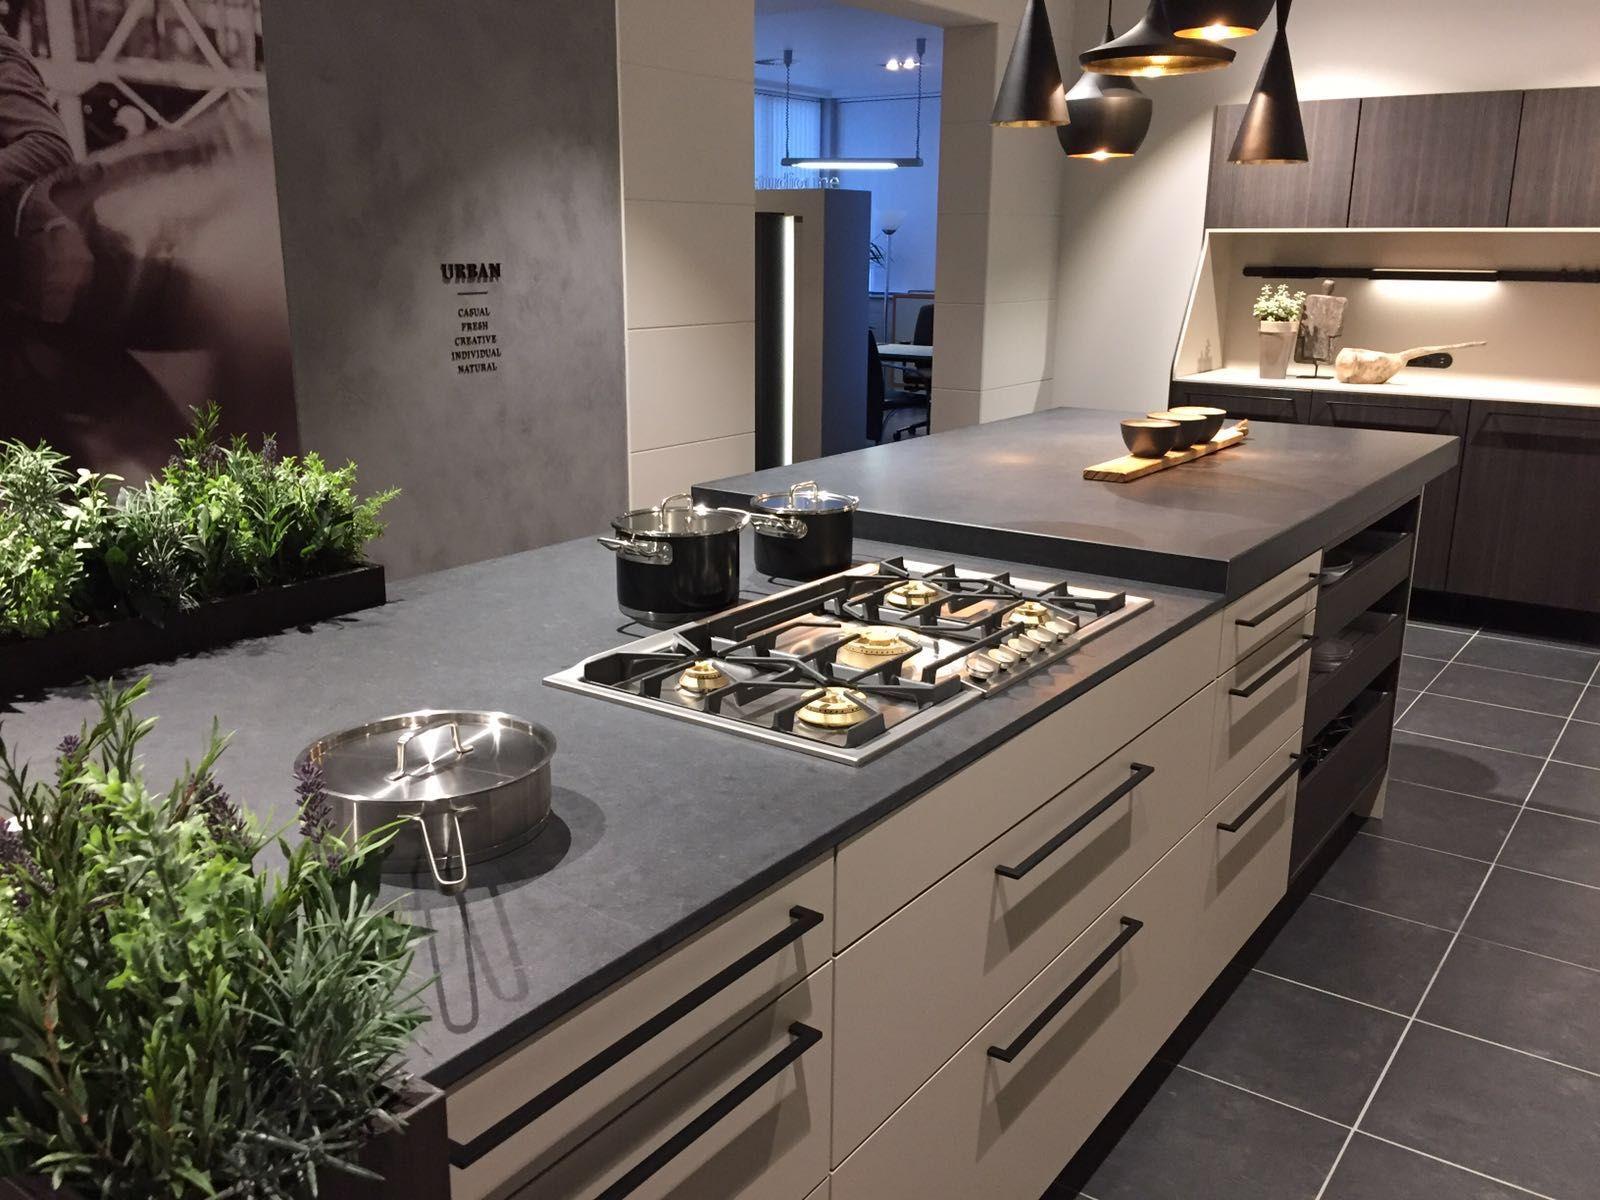 Charmant Küche Bad Showroom Bilder - Ideen Für Die Küche Dekoration ...